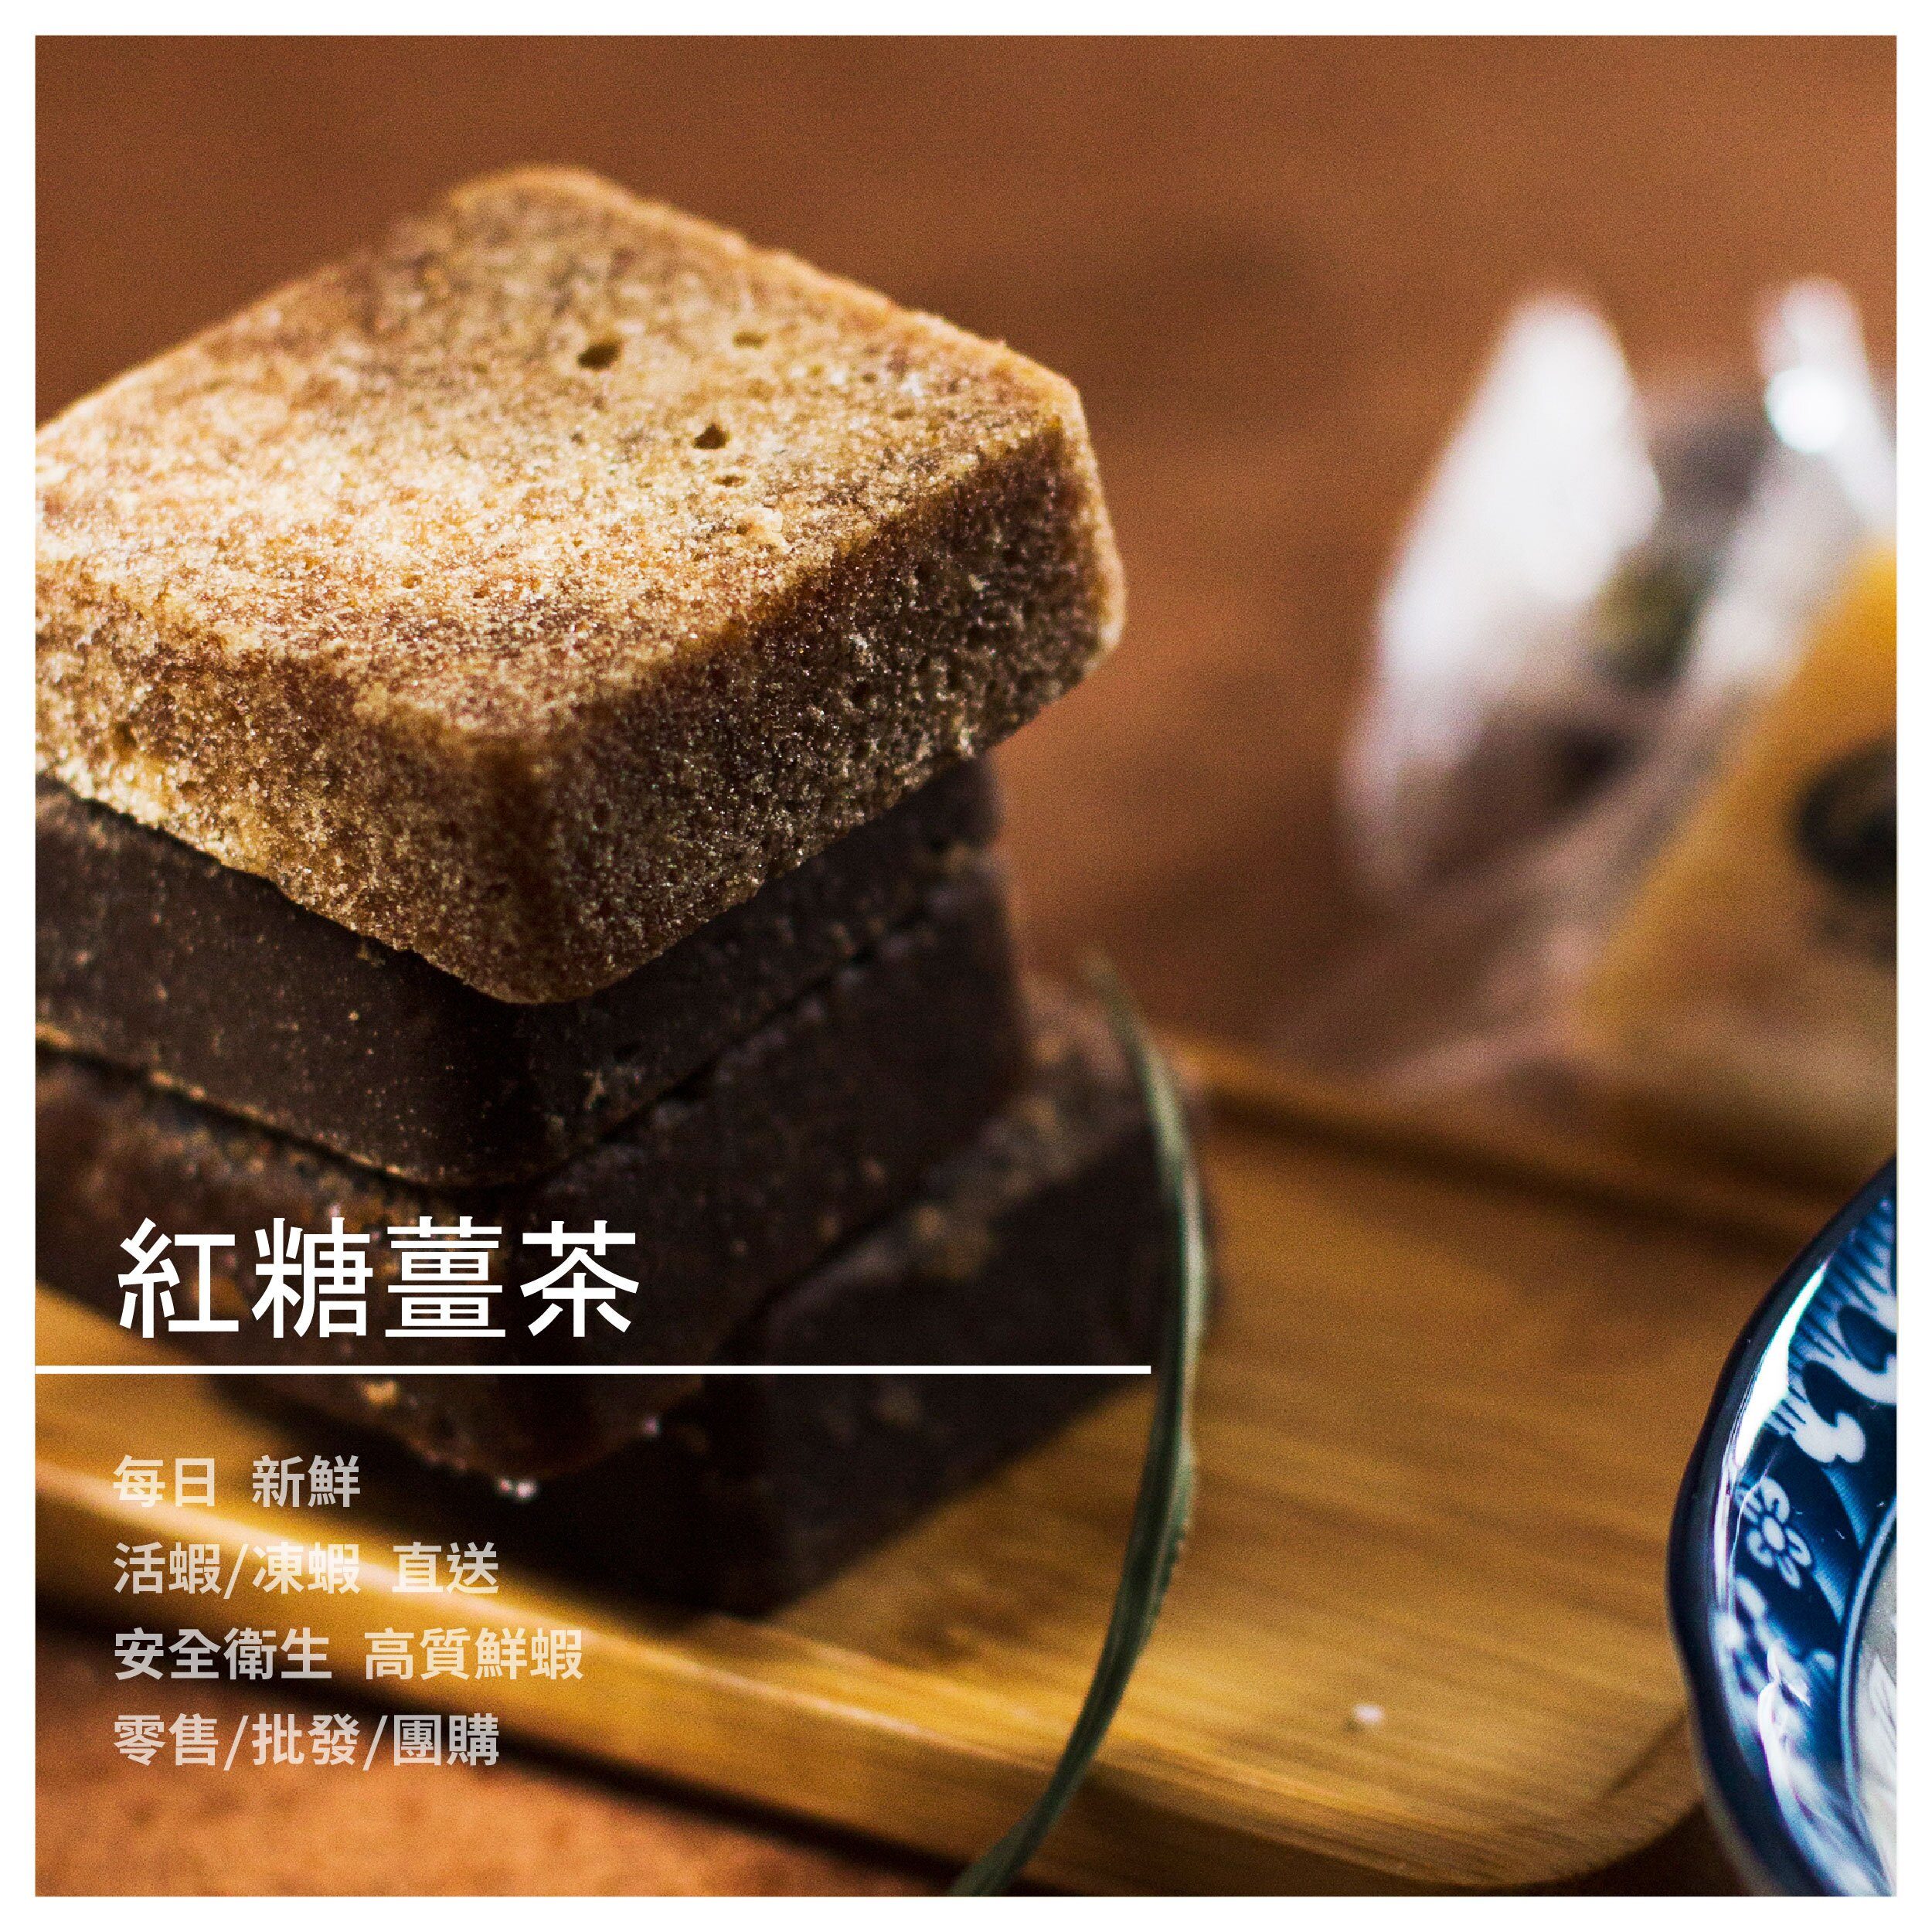 【黑金傳奇黑糖薑母茶】紅糖薑茶